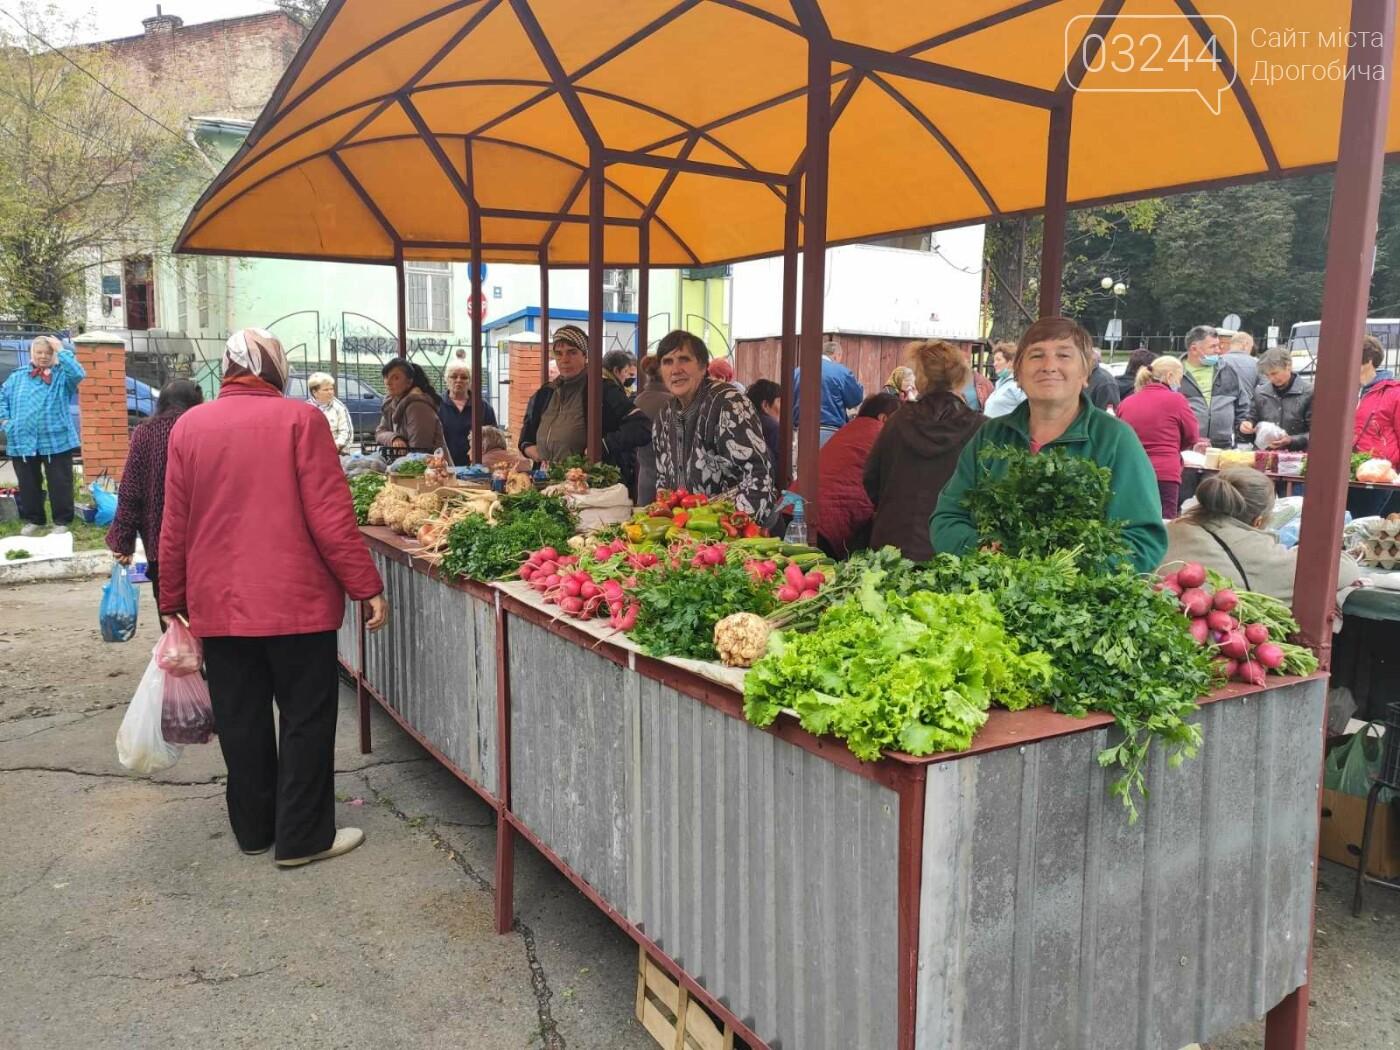 У Дрогобичі зрушення - стихійні торговці із Ковальської перейшли на новооблаштований ринок, - ФОТОРЕПОРТАЖ, фото-4